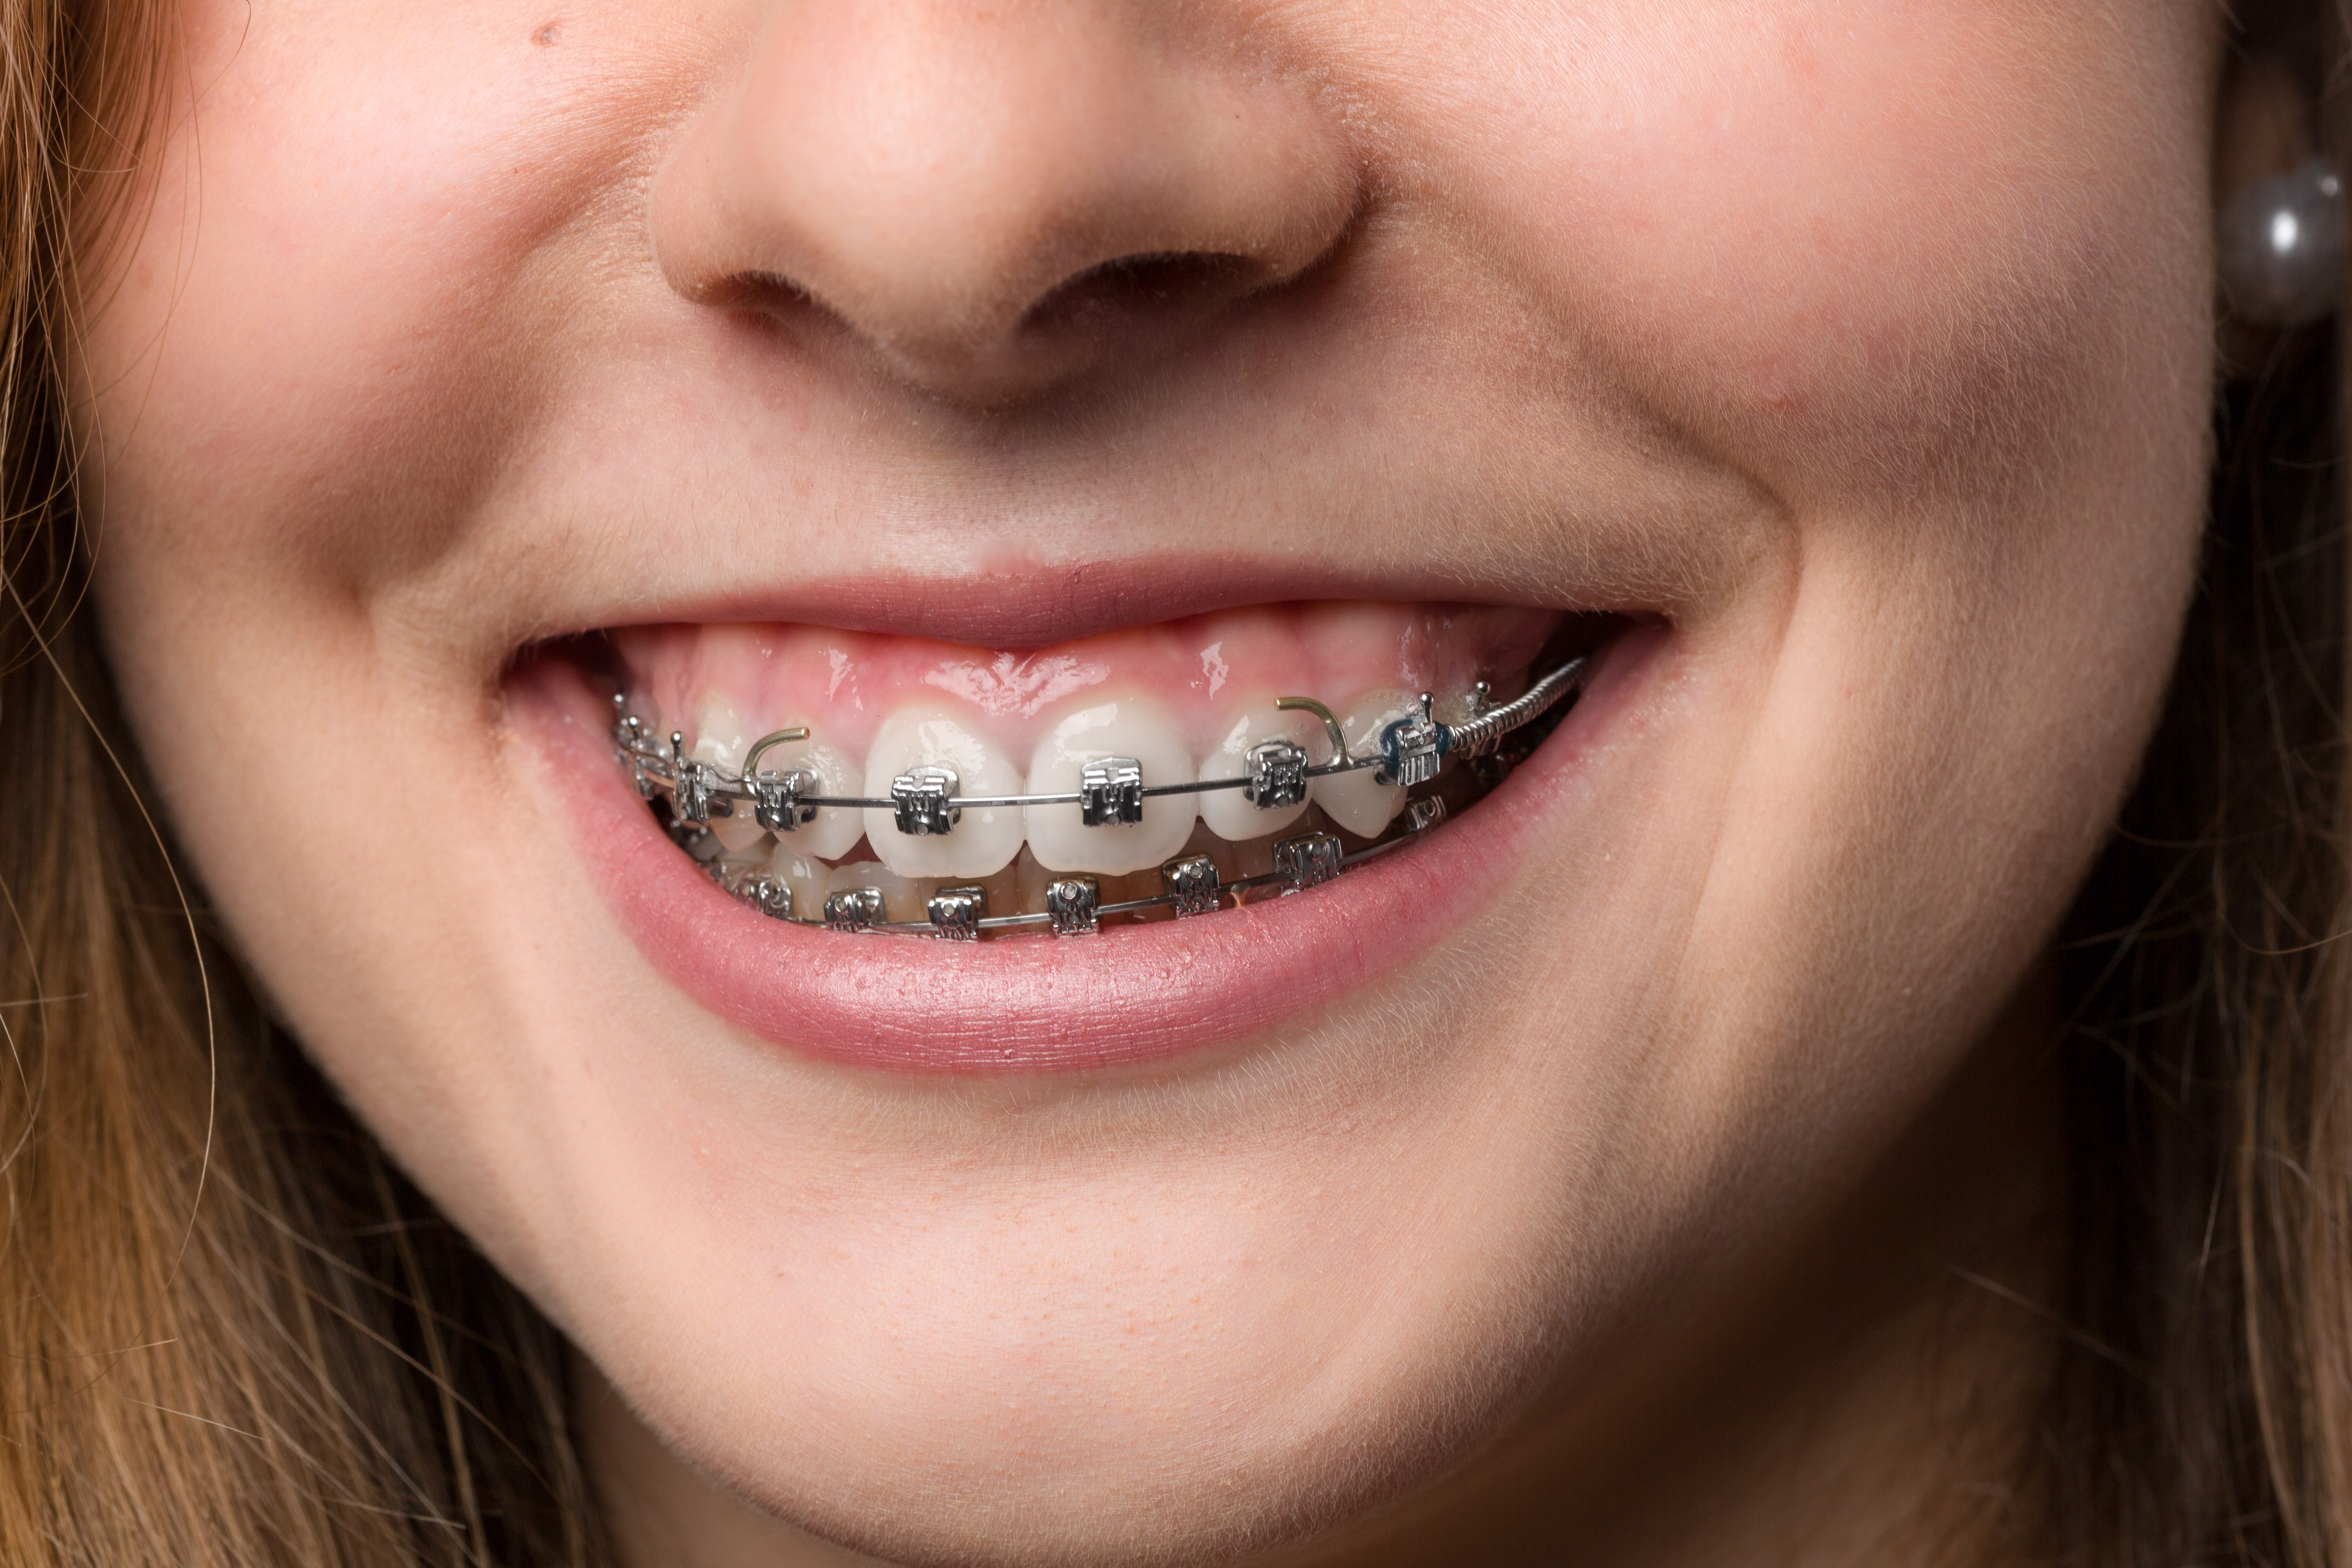 https://www.medipark.pl/wp-content/uploads/2016/08/ortodonta.jpg